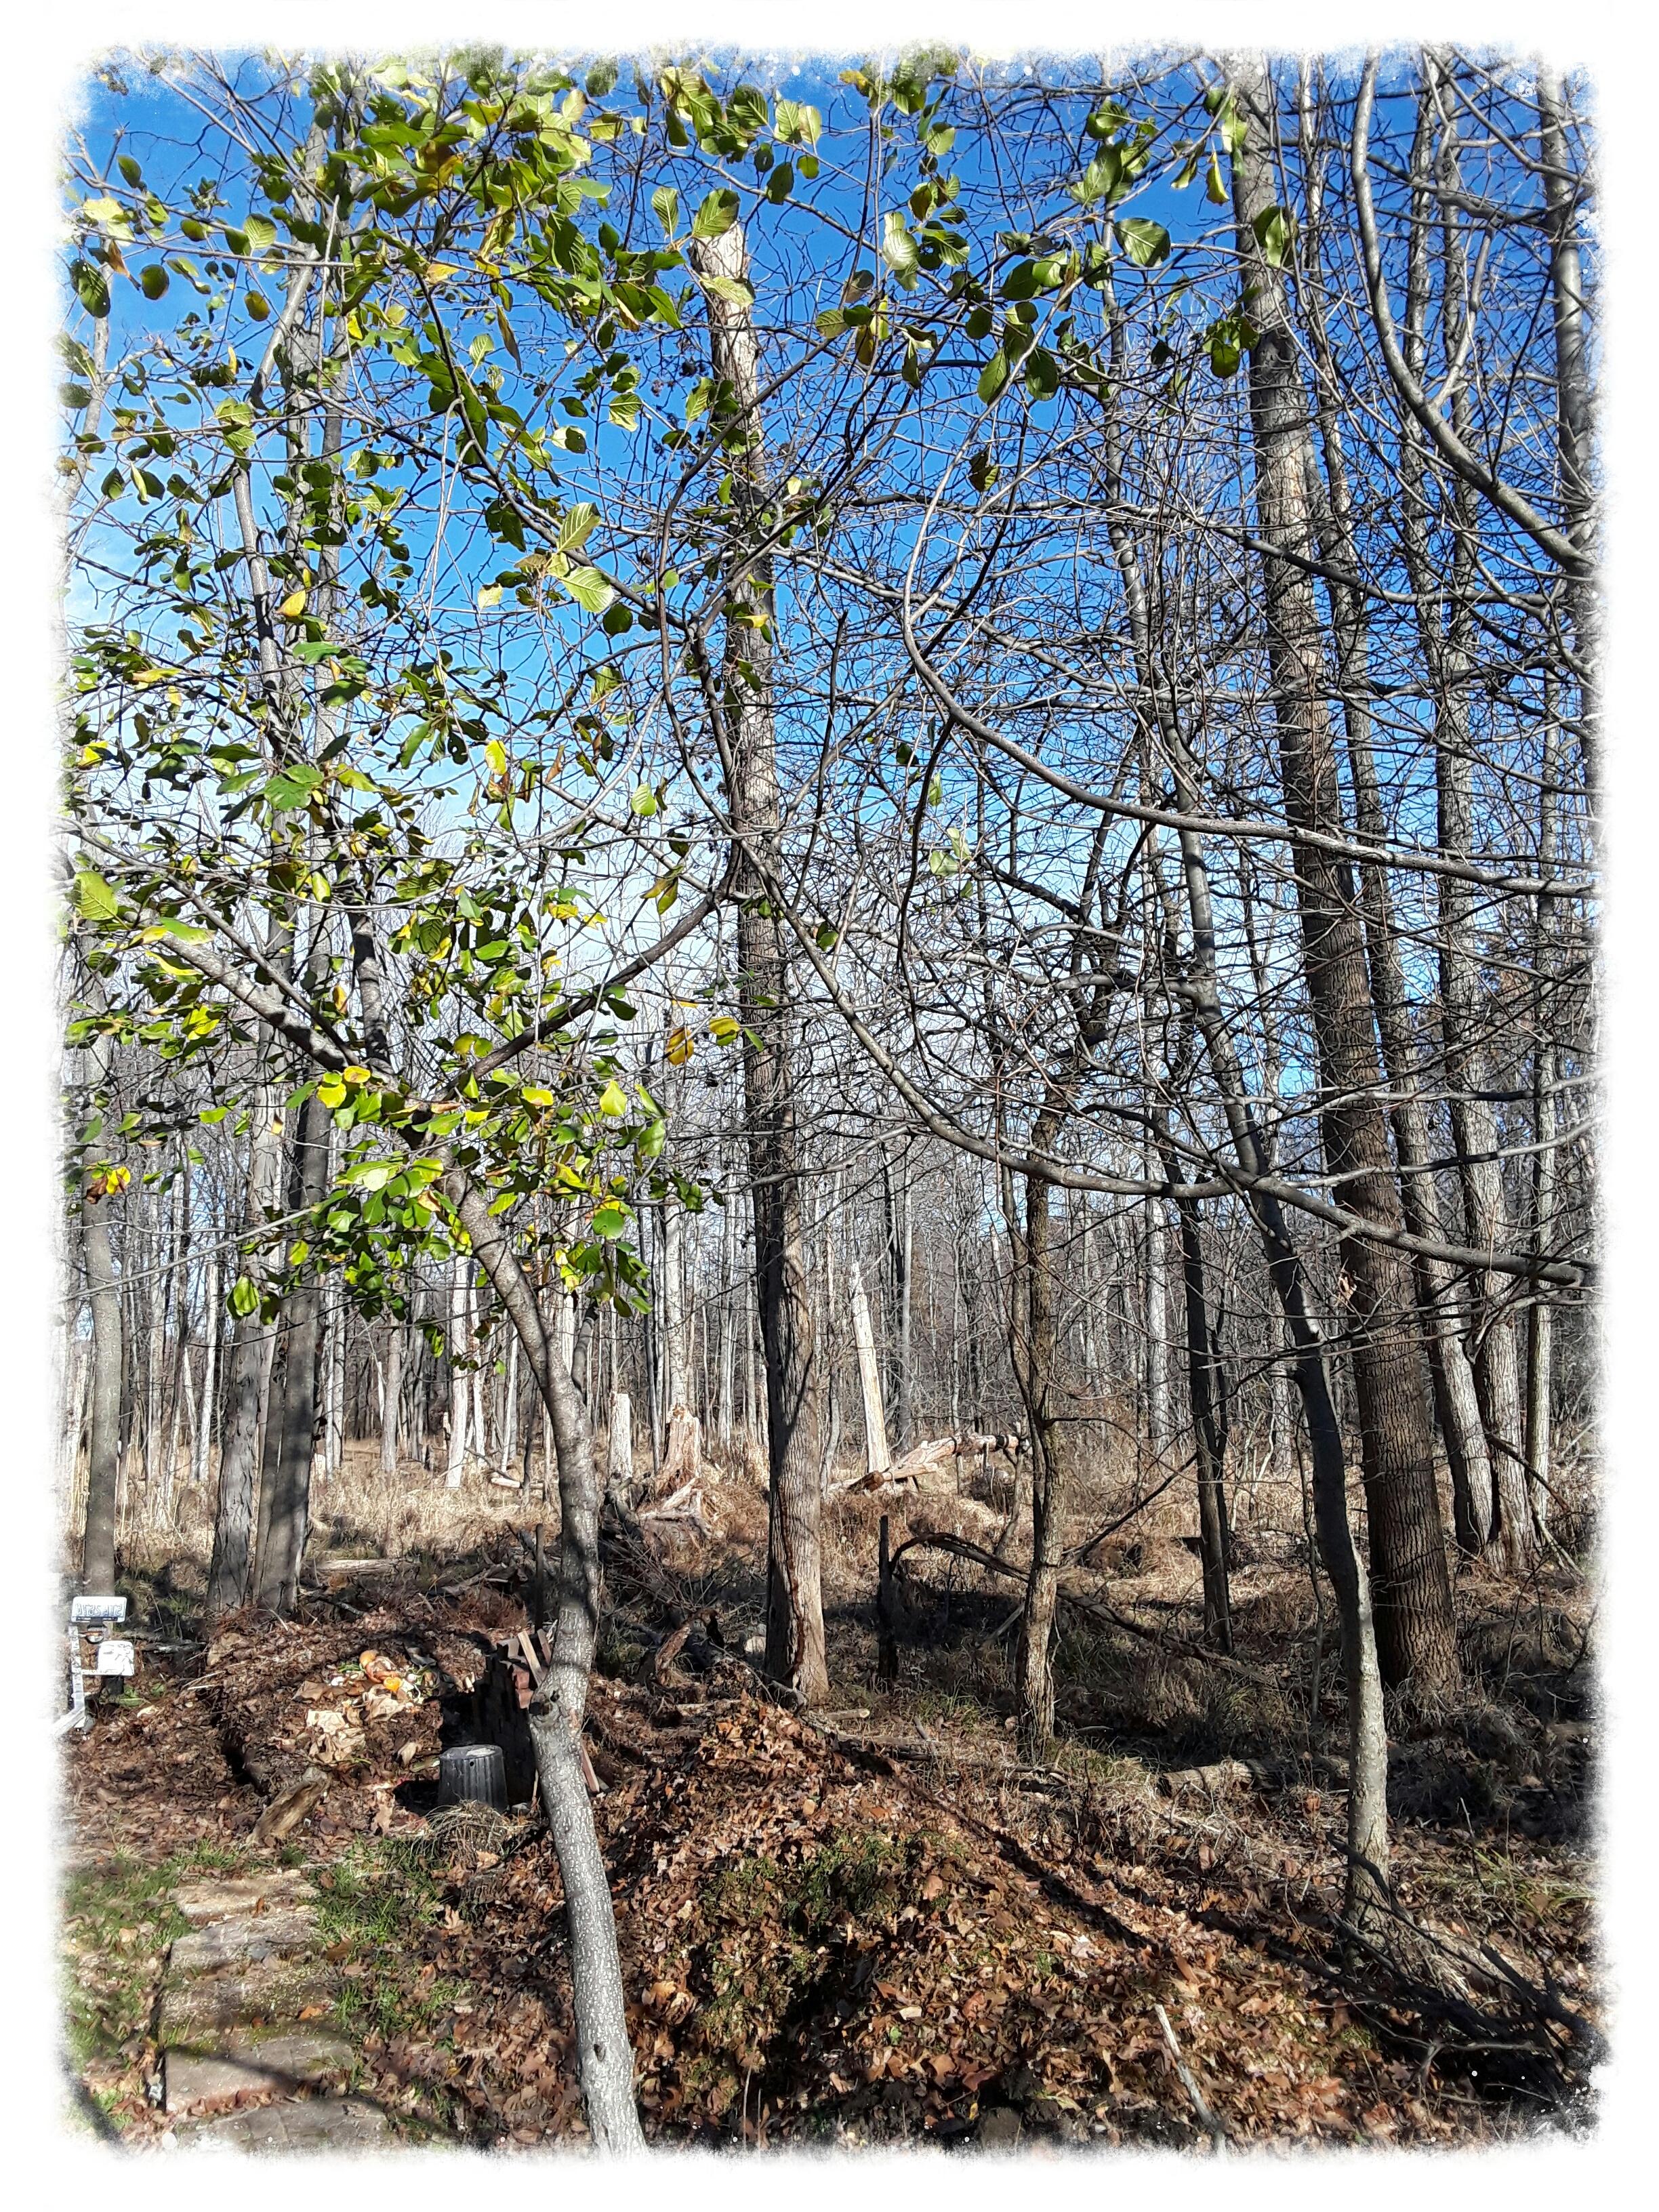 Buckthorn leaves still green in December